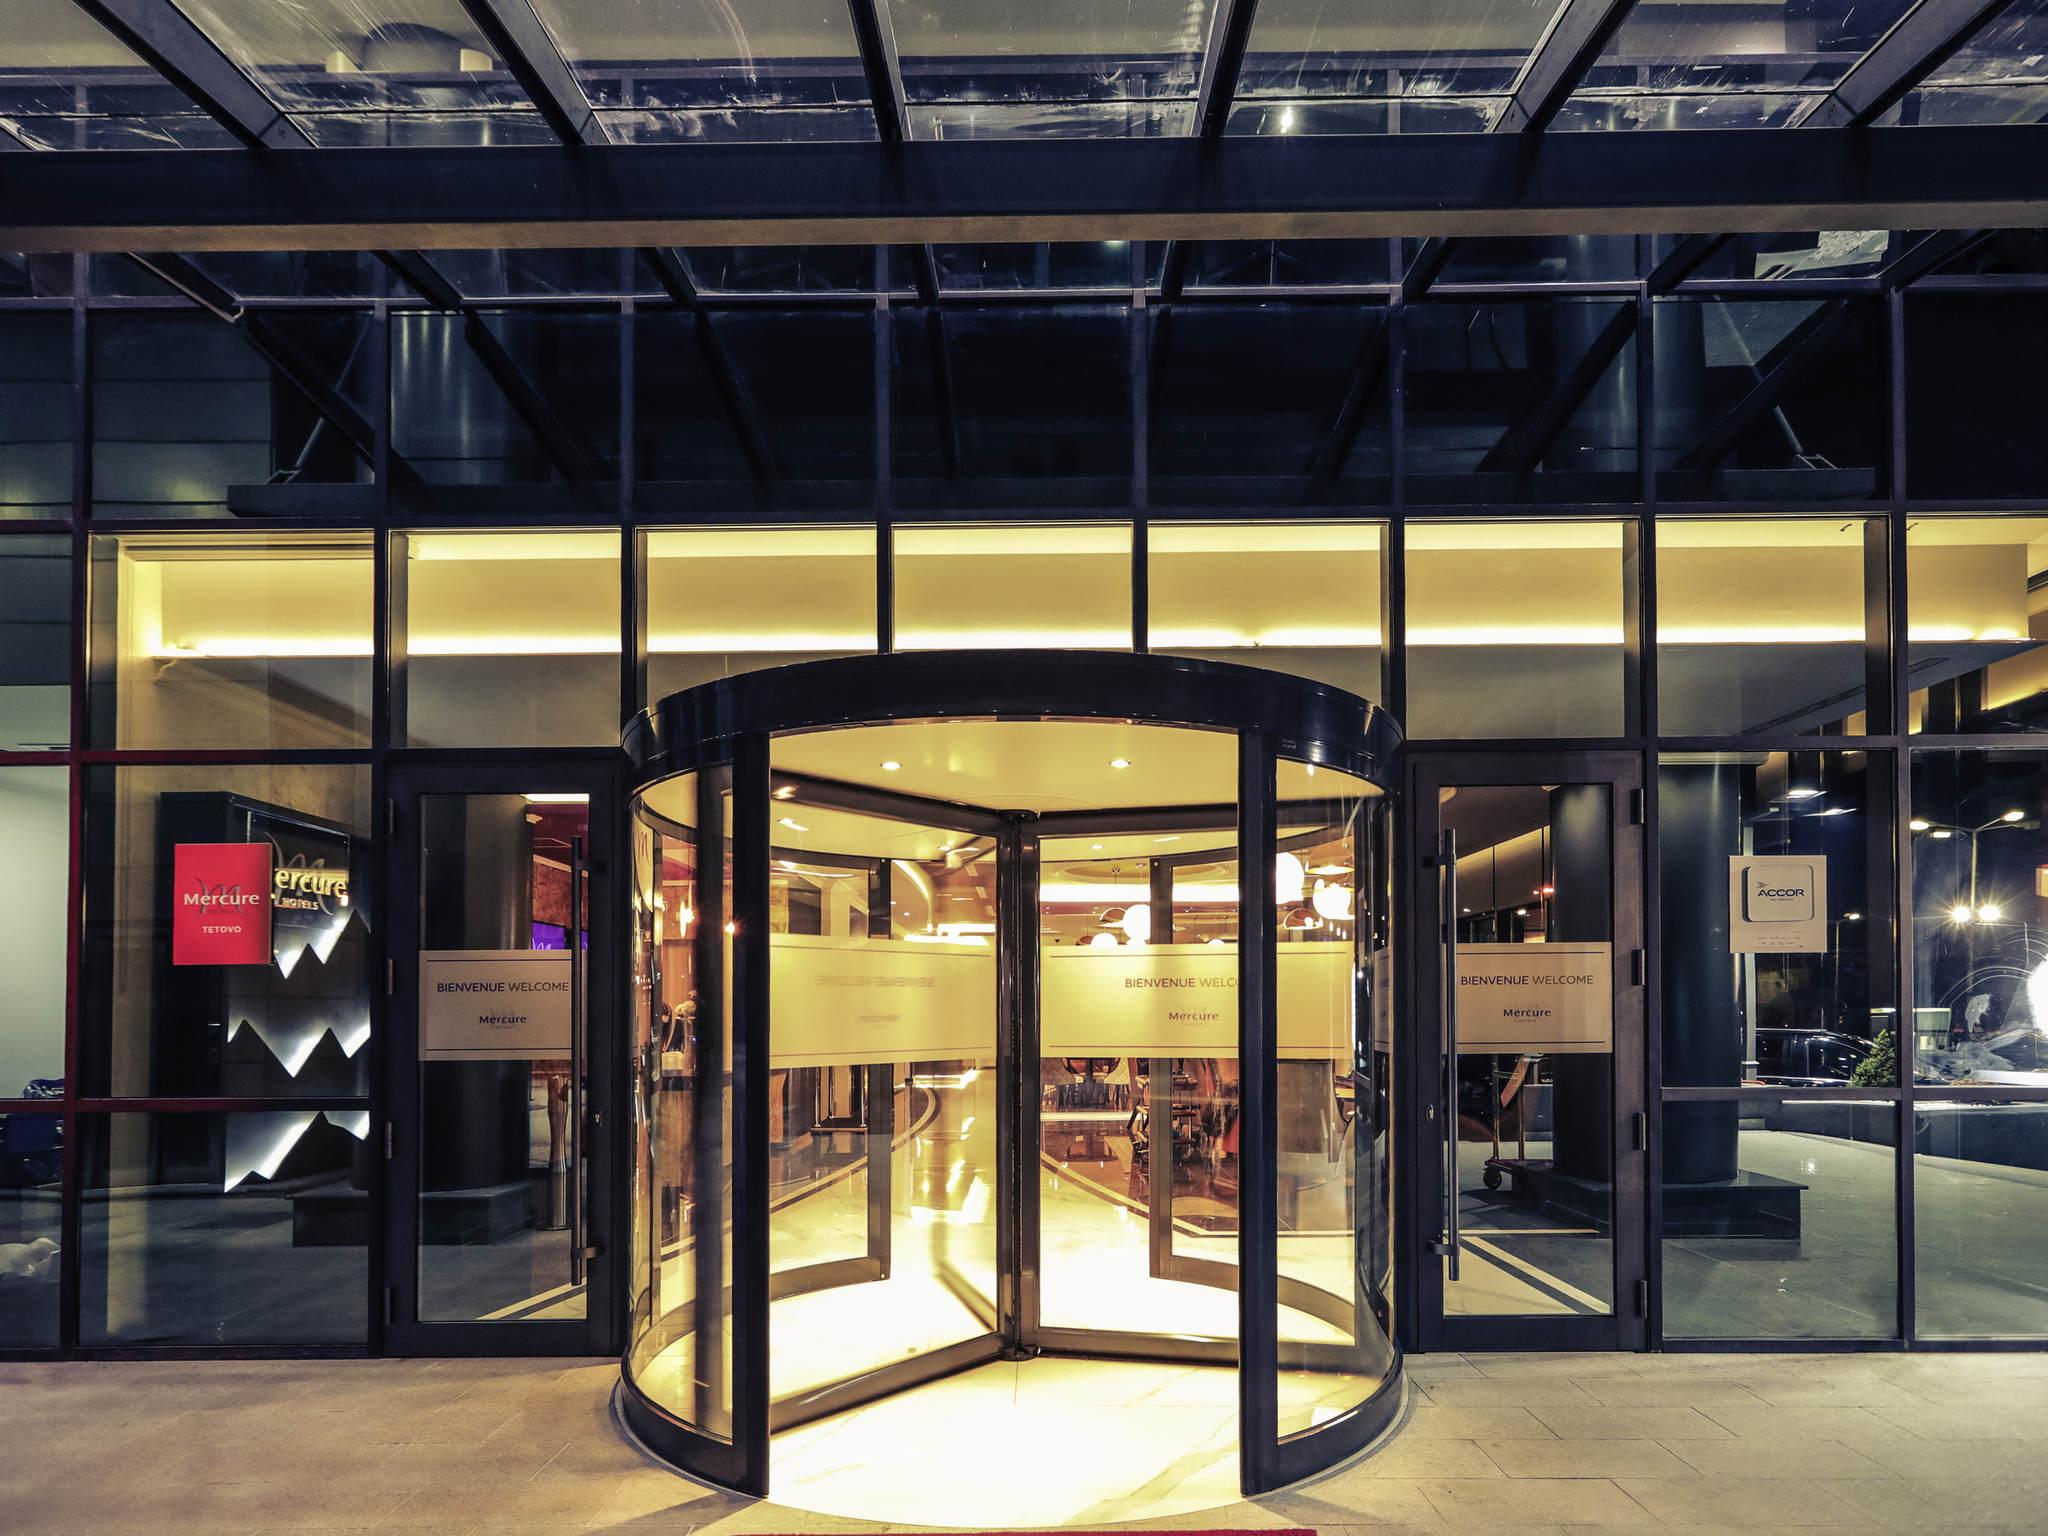 فندق - فندق مركيور Mercure تيتوفو